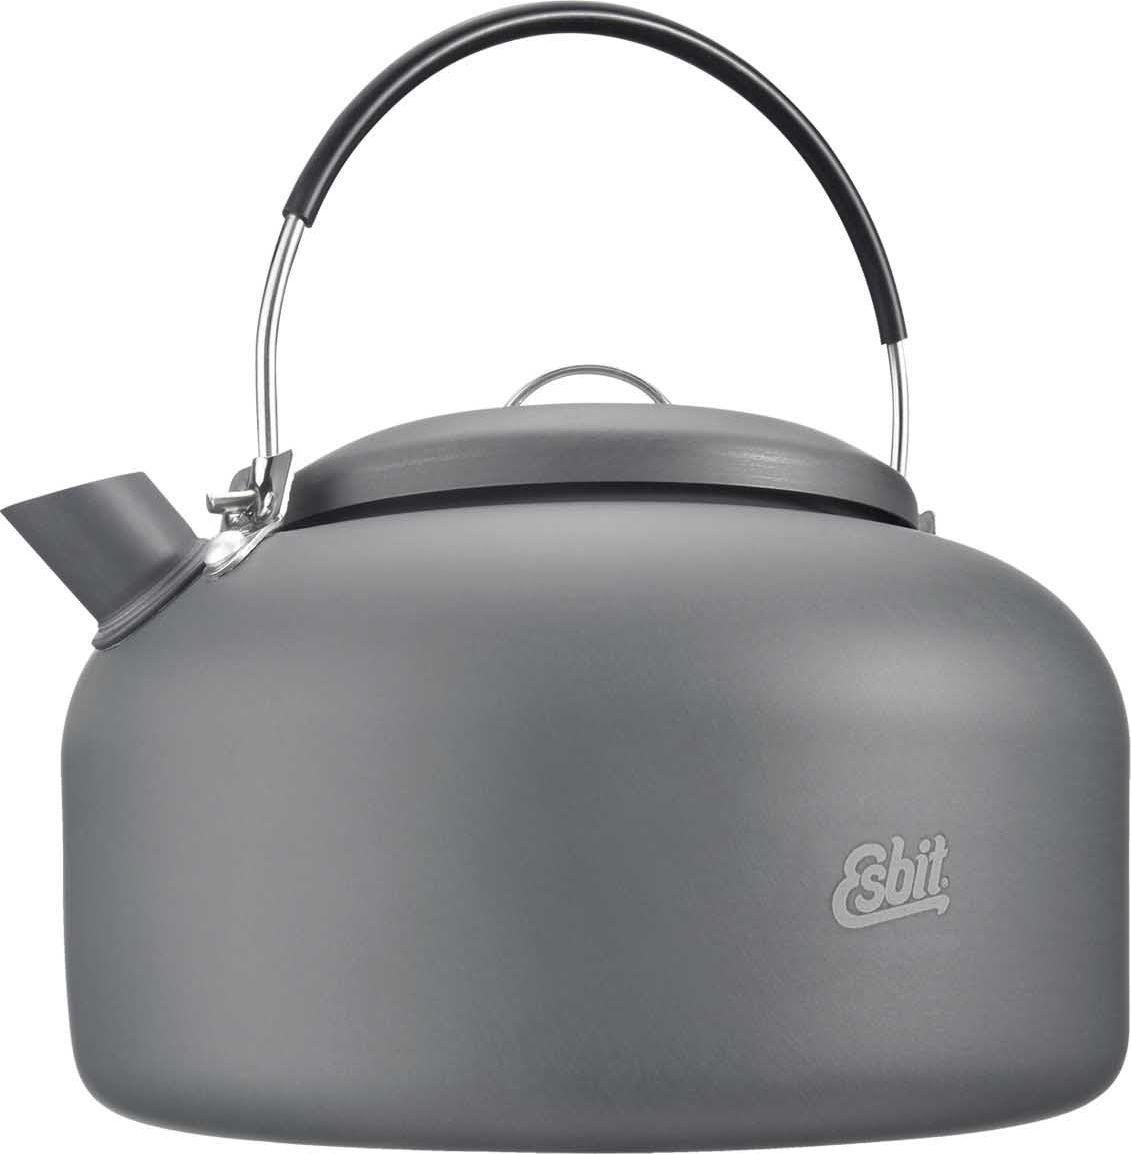 Чайник Esbit, 600 млWK600HAЛегкий туристический чайник из прочного анодированного алюминия с крышкой и удобной складной ручкой. Подходит к набору для приготовленияпищи Esbit.